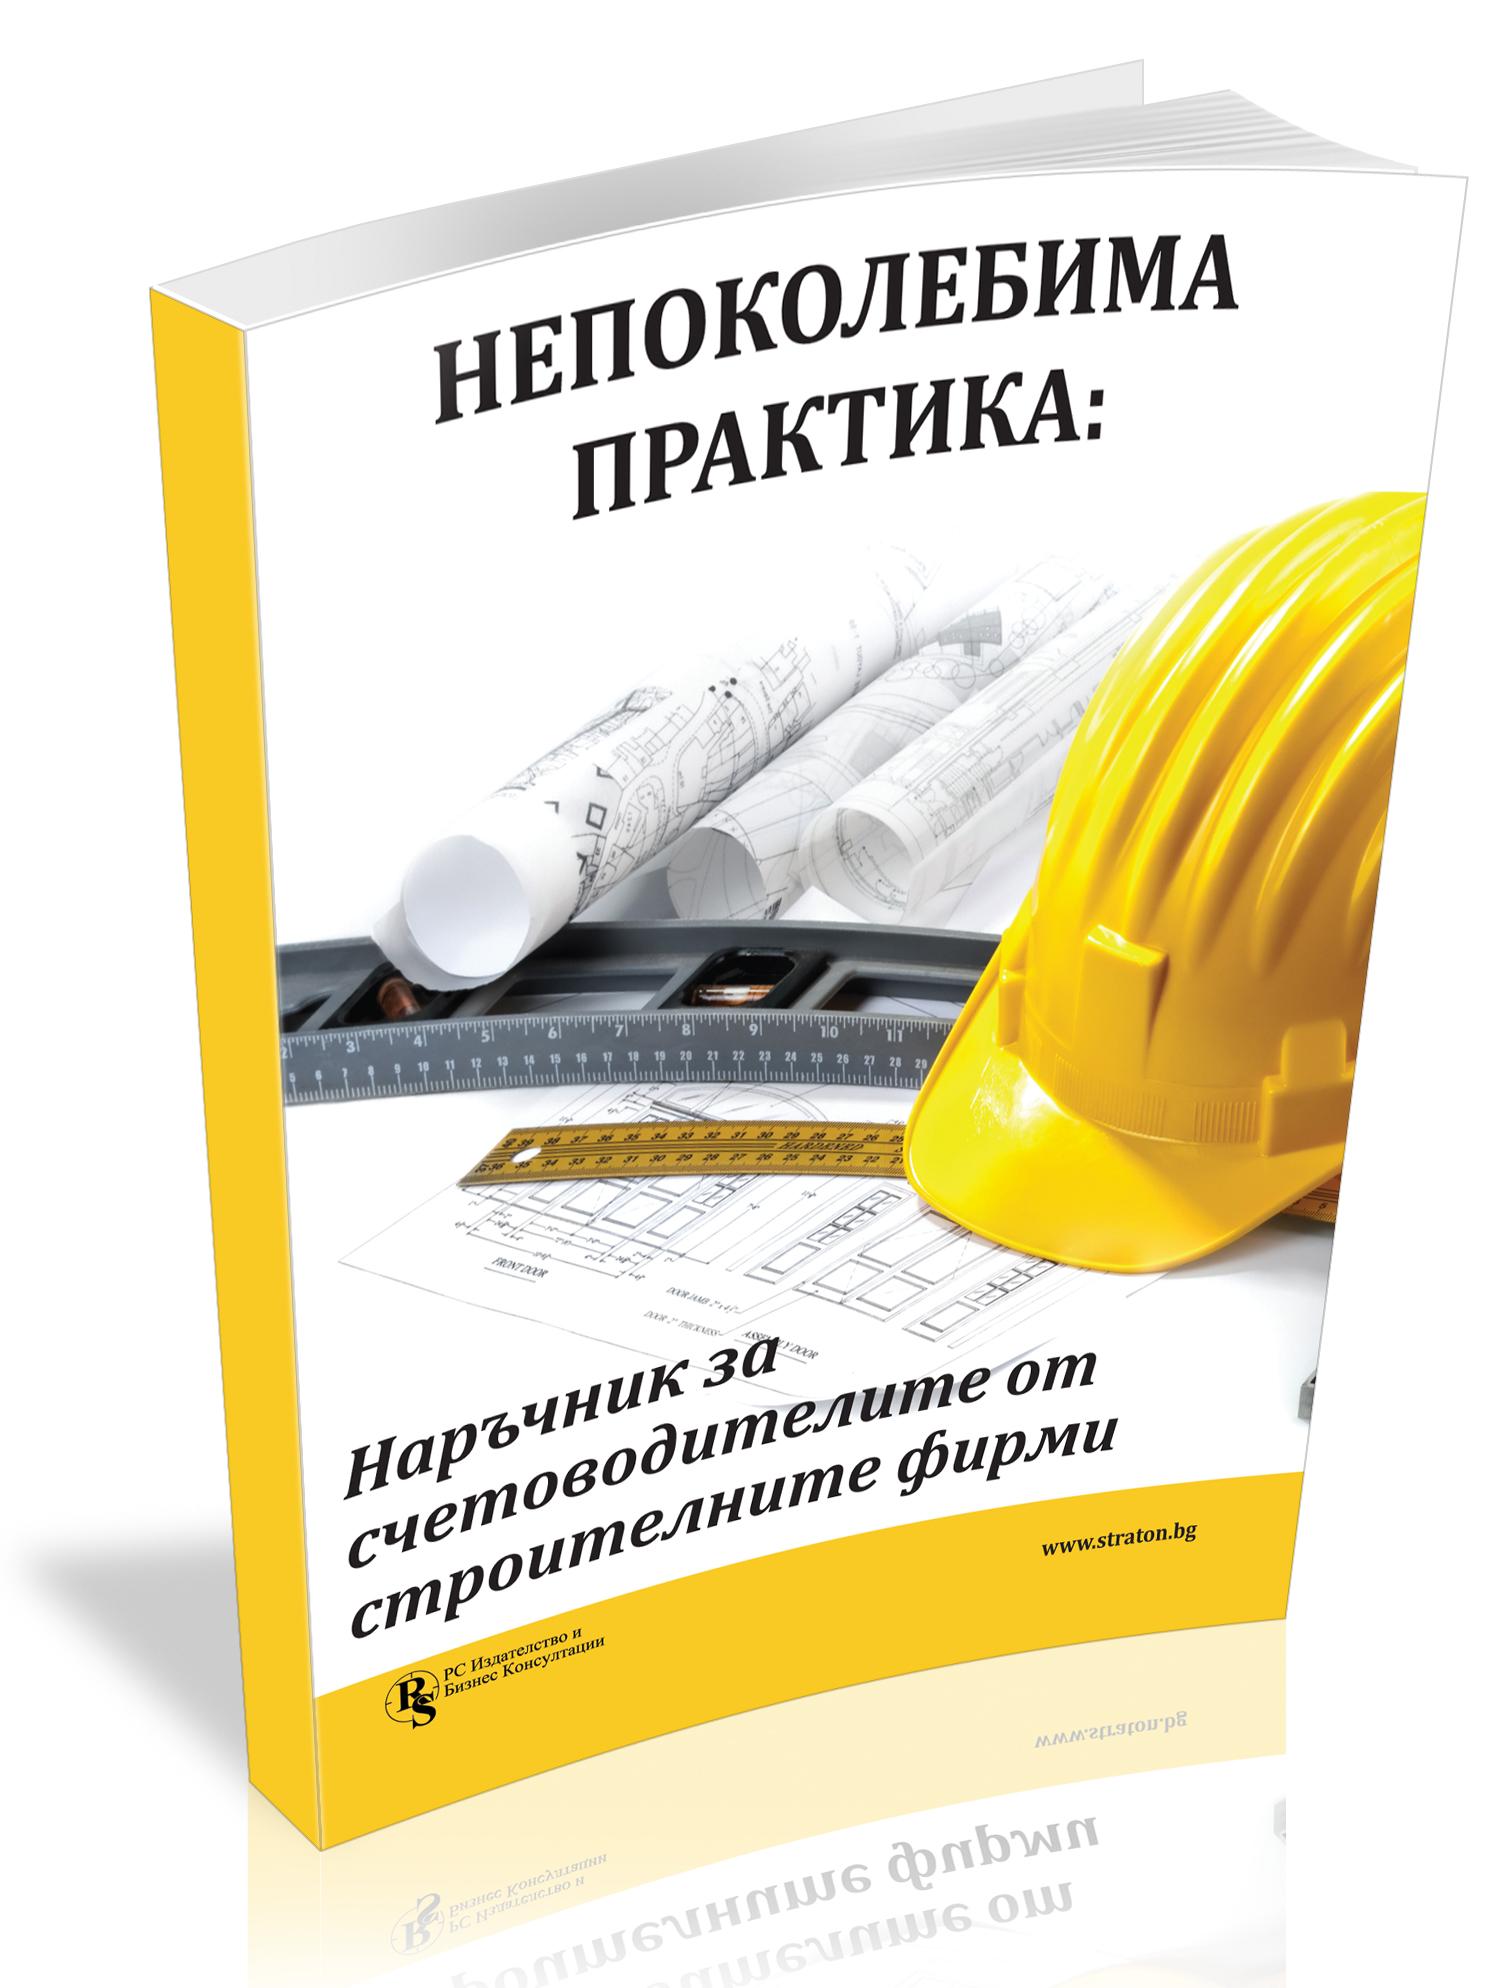 В електронен формат: Непоколебима практика: Наръчник за счетоводителите от строителните фирми